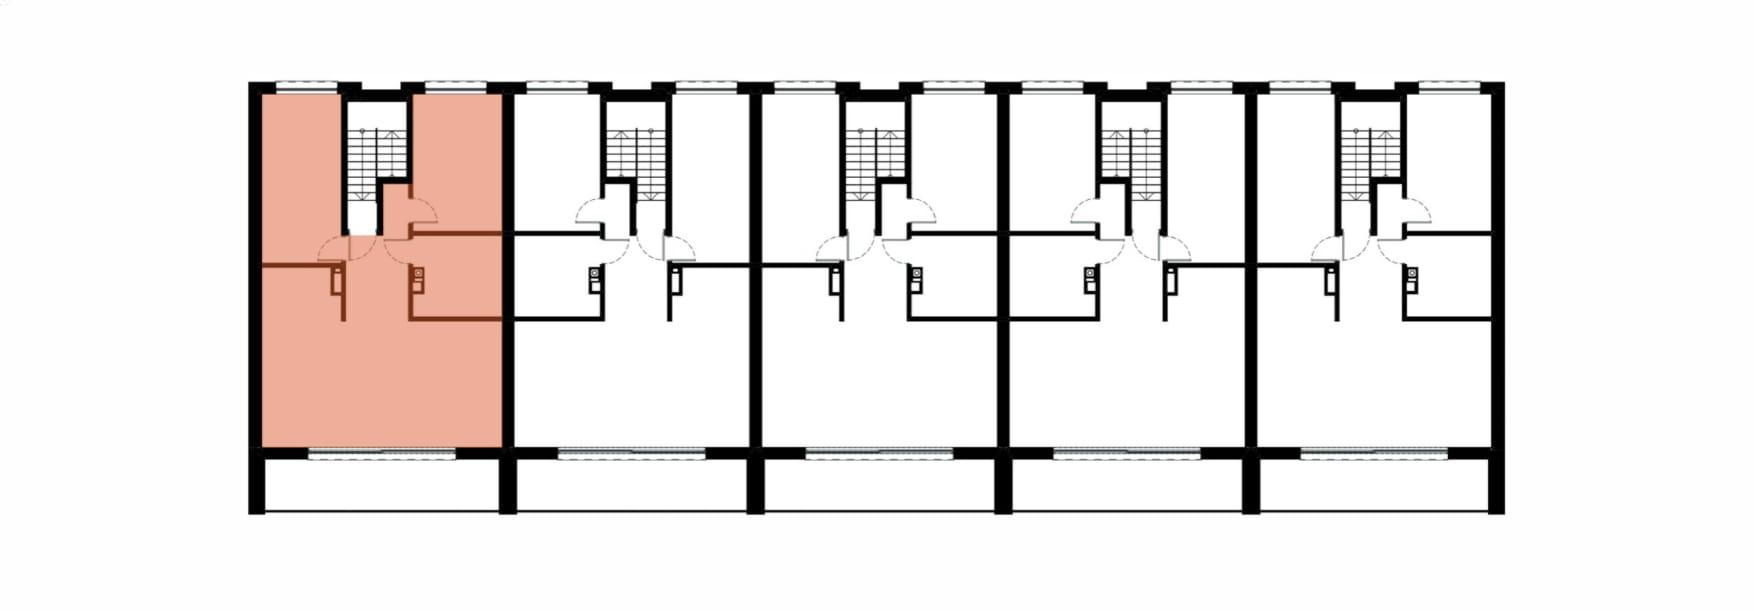 Apartamenty Kamienna / apartamenty inwestycyjne 1B rzut 2